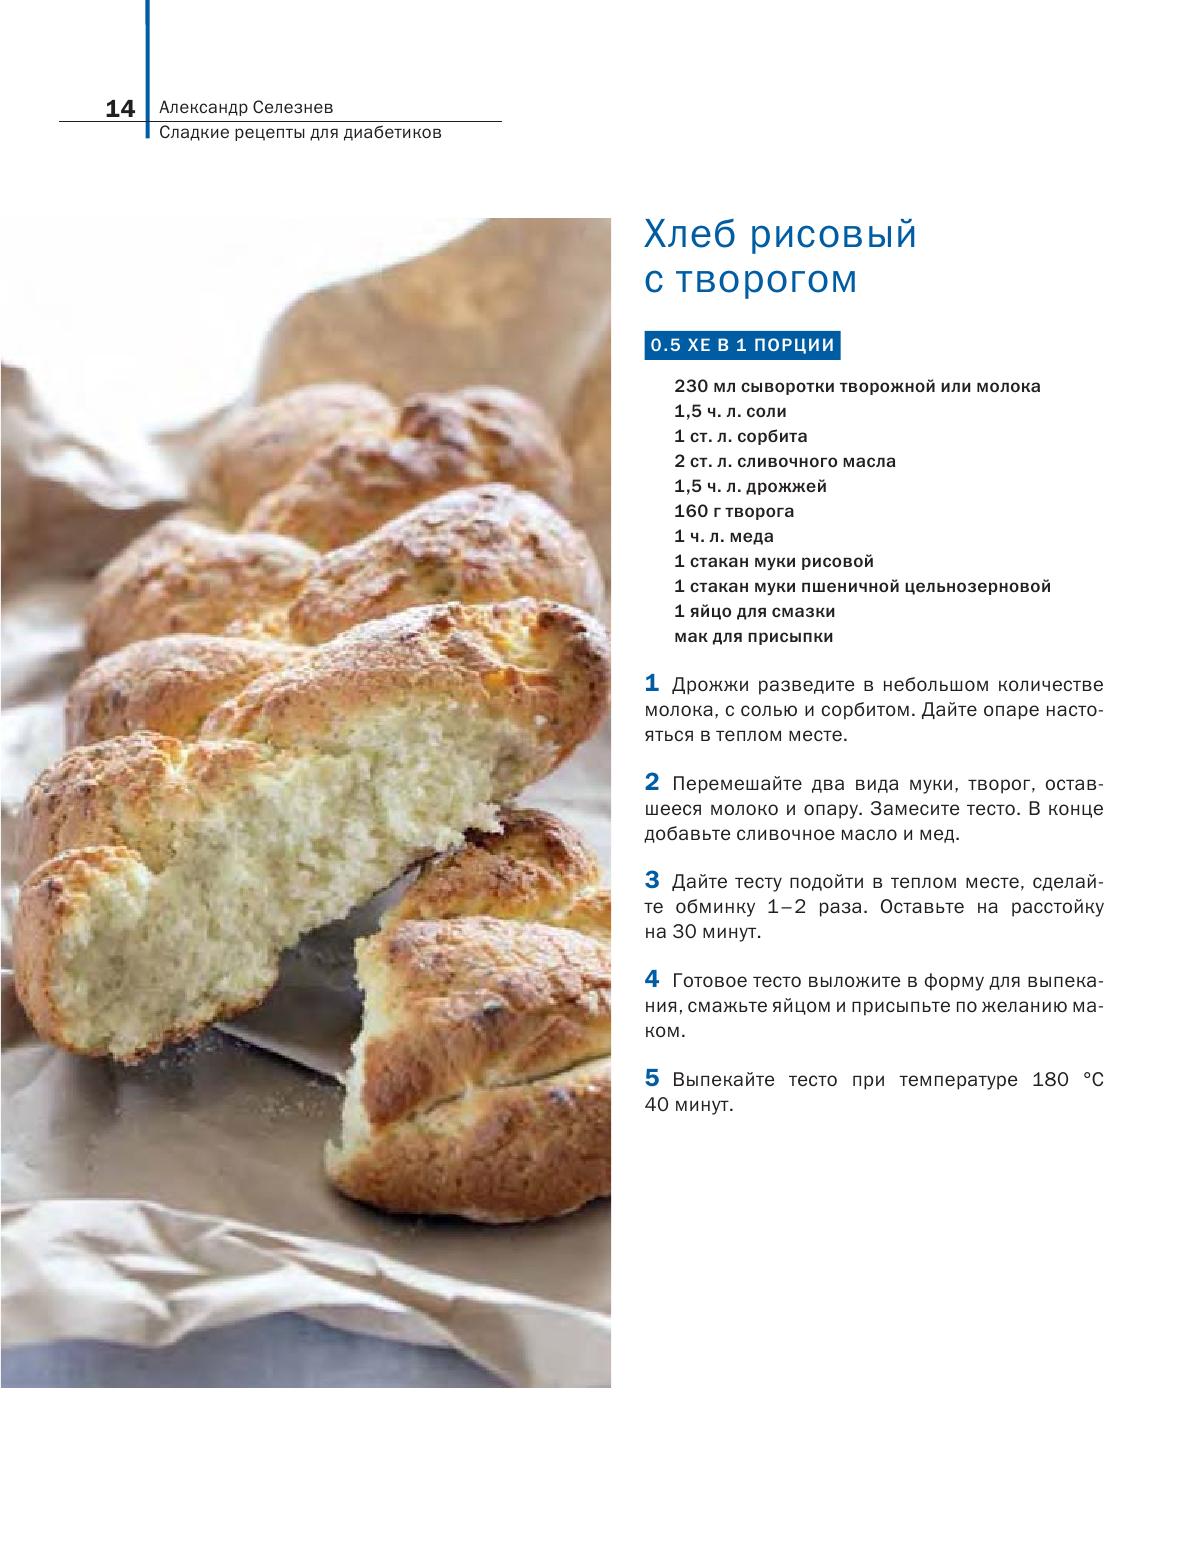 выпечка для диабетиков 2 типа рецепты материалов